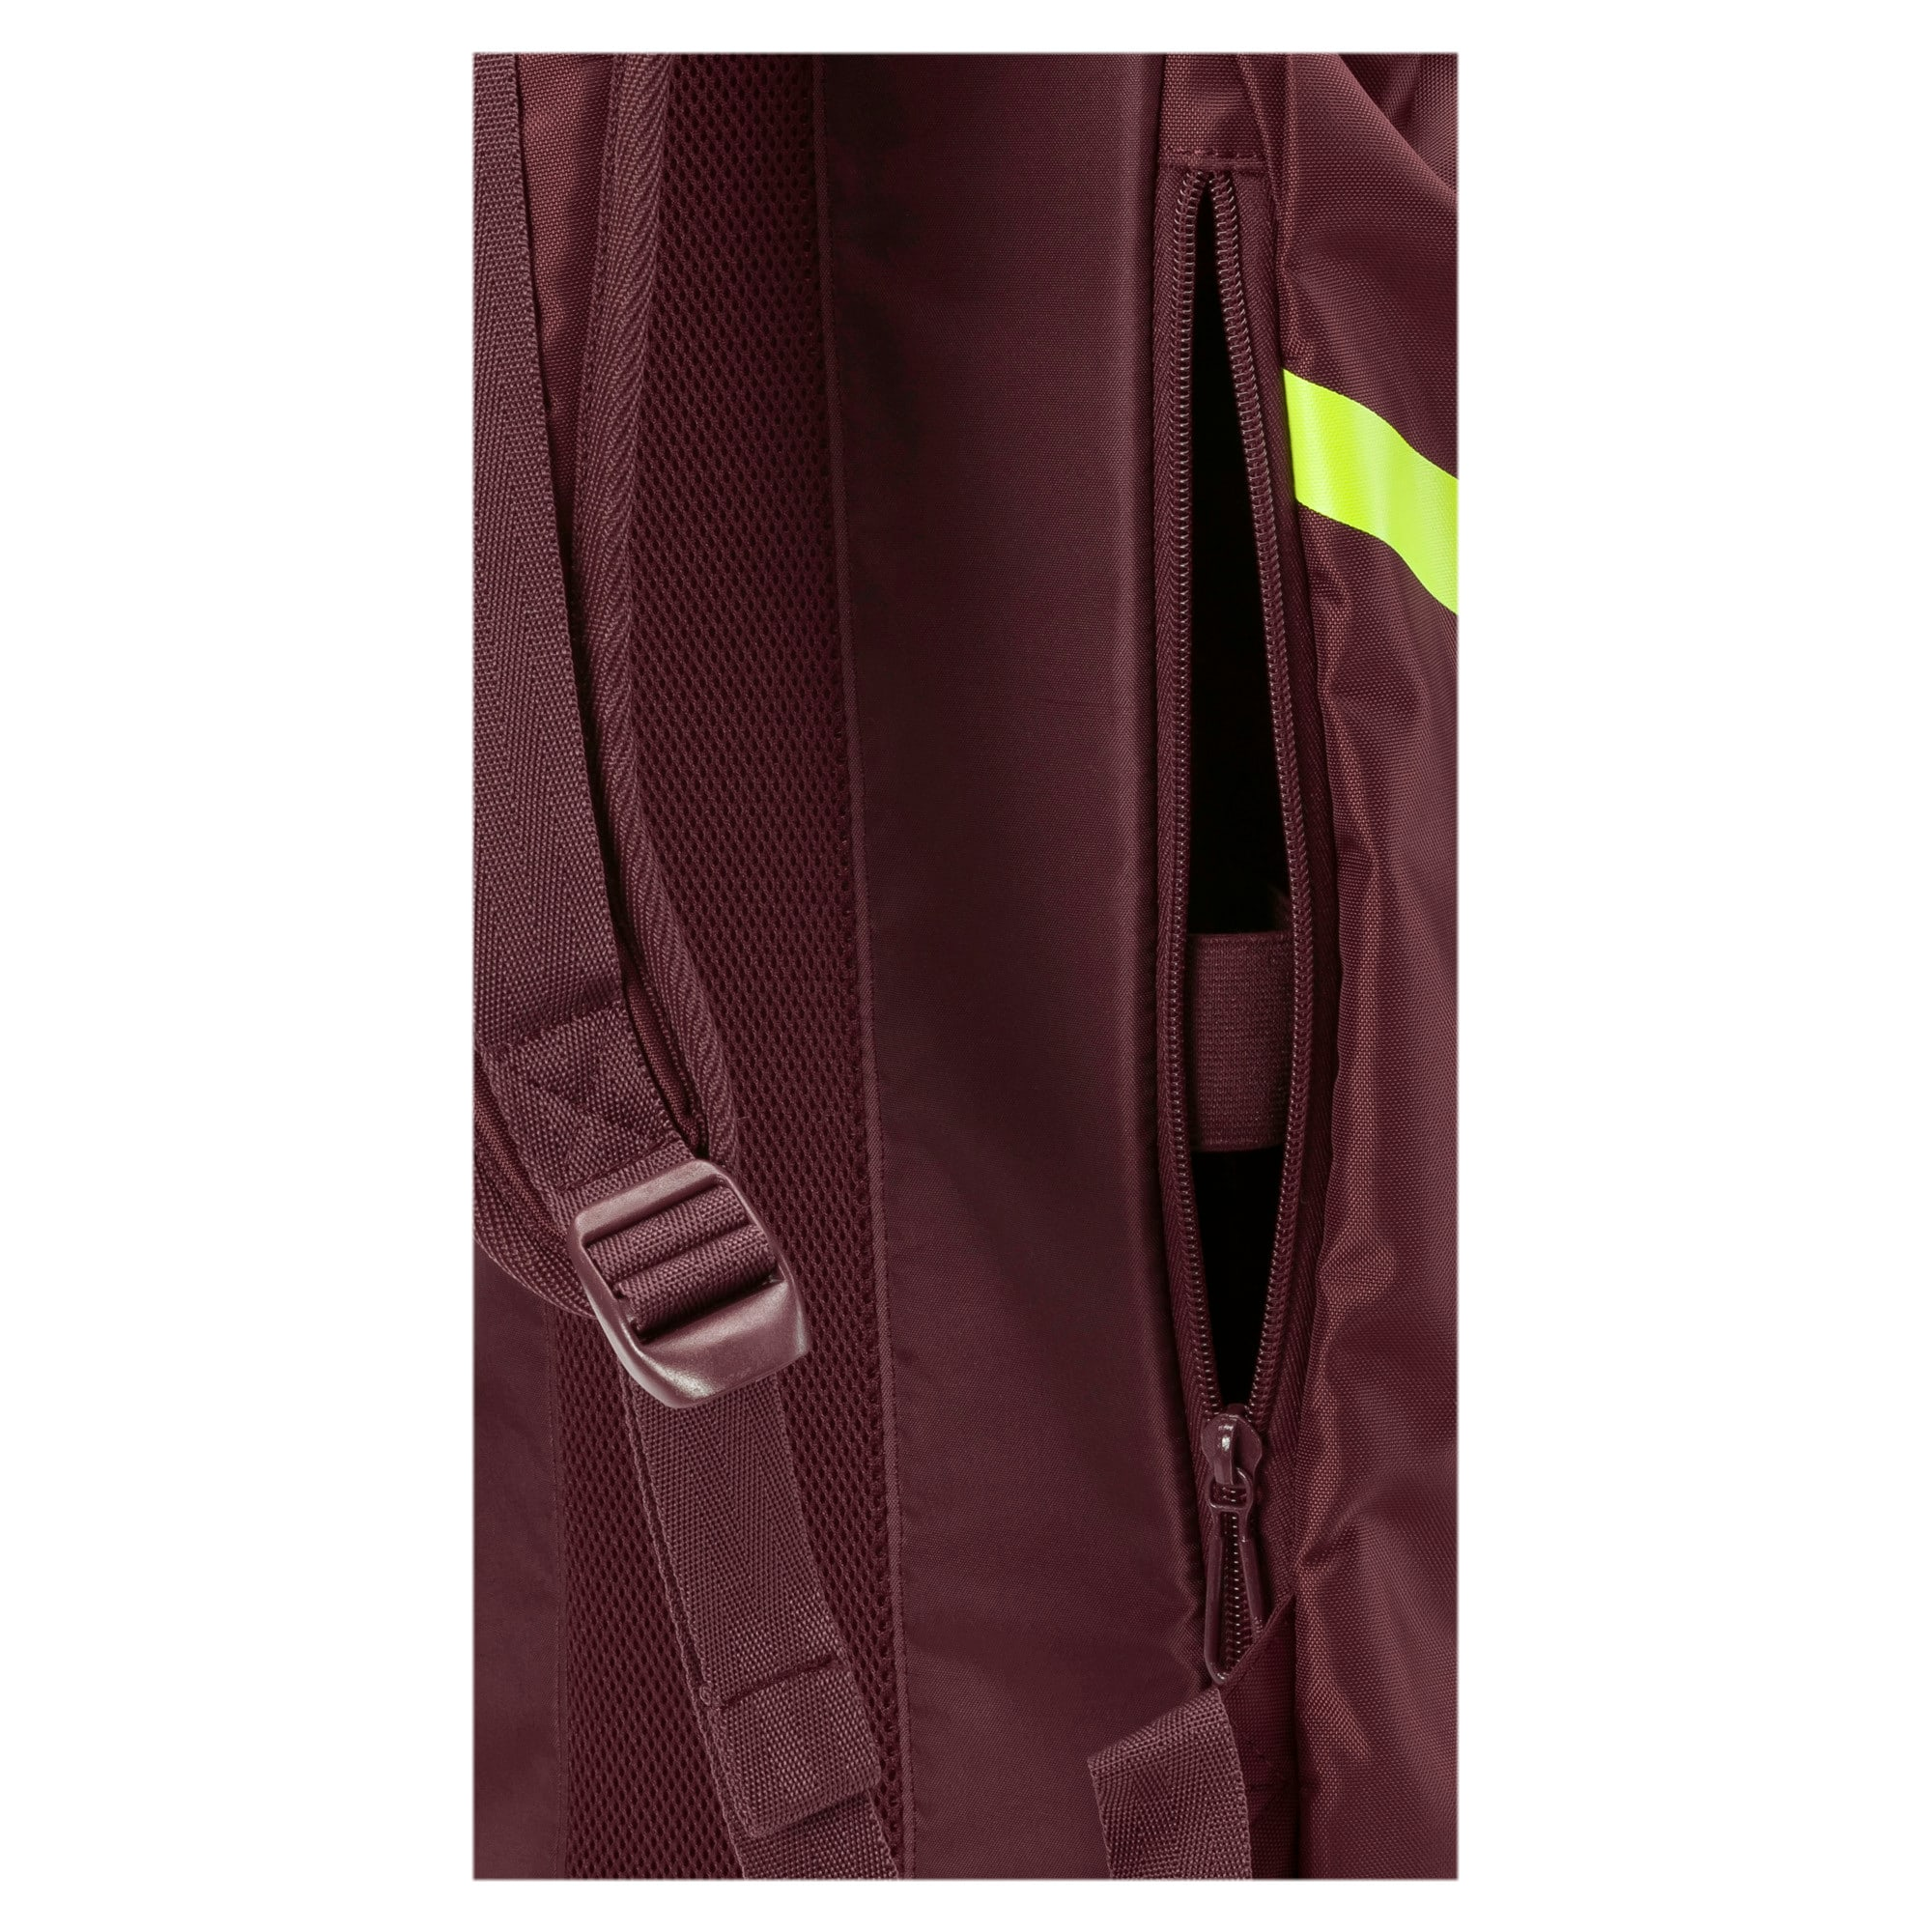 Thumbnail 4 of AT Shift Backpack, Vineyard Wine, medium